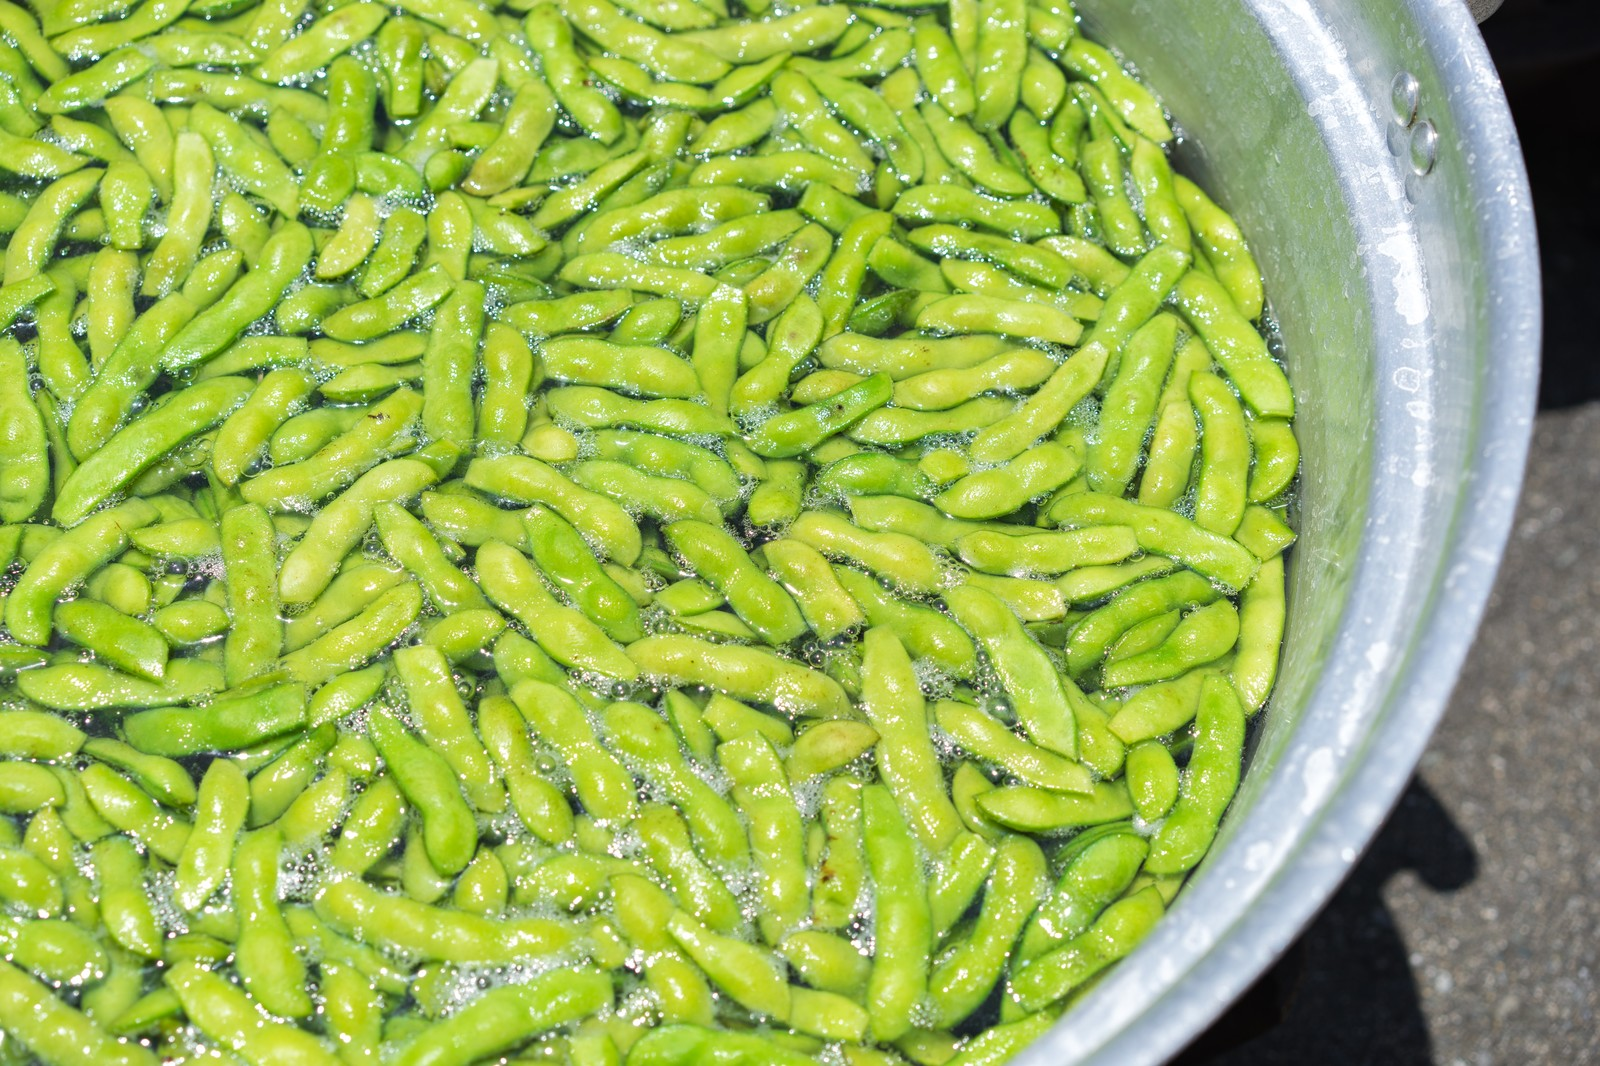 「鍋で茹でた枝豆鍋で茹でた枝豆」のフリー写真素材を拡大